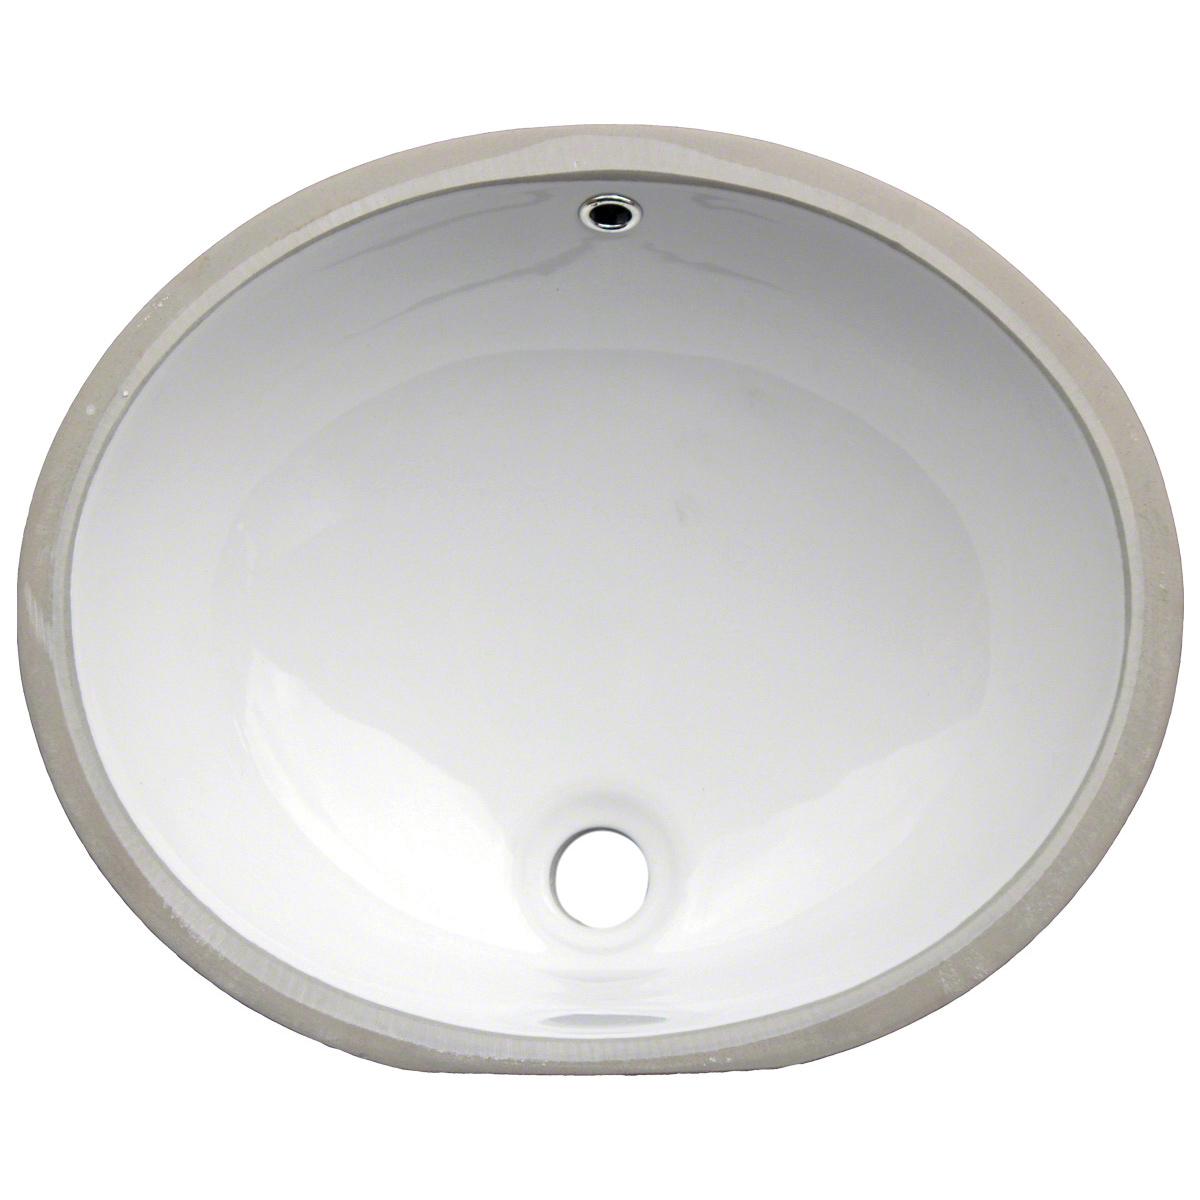 Vanity White Oval